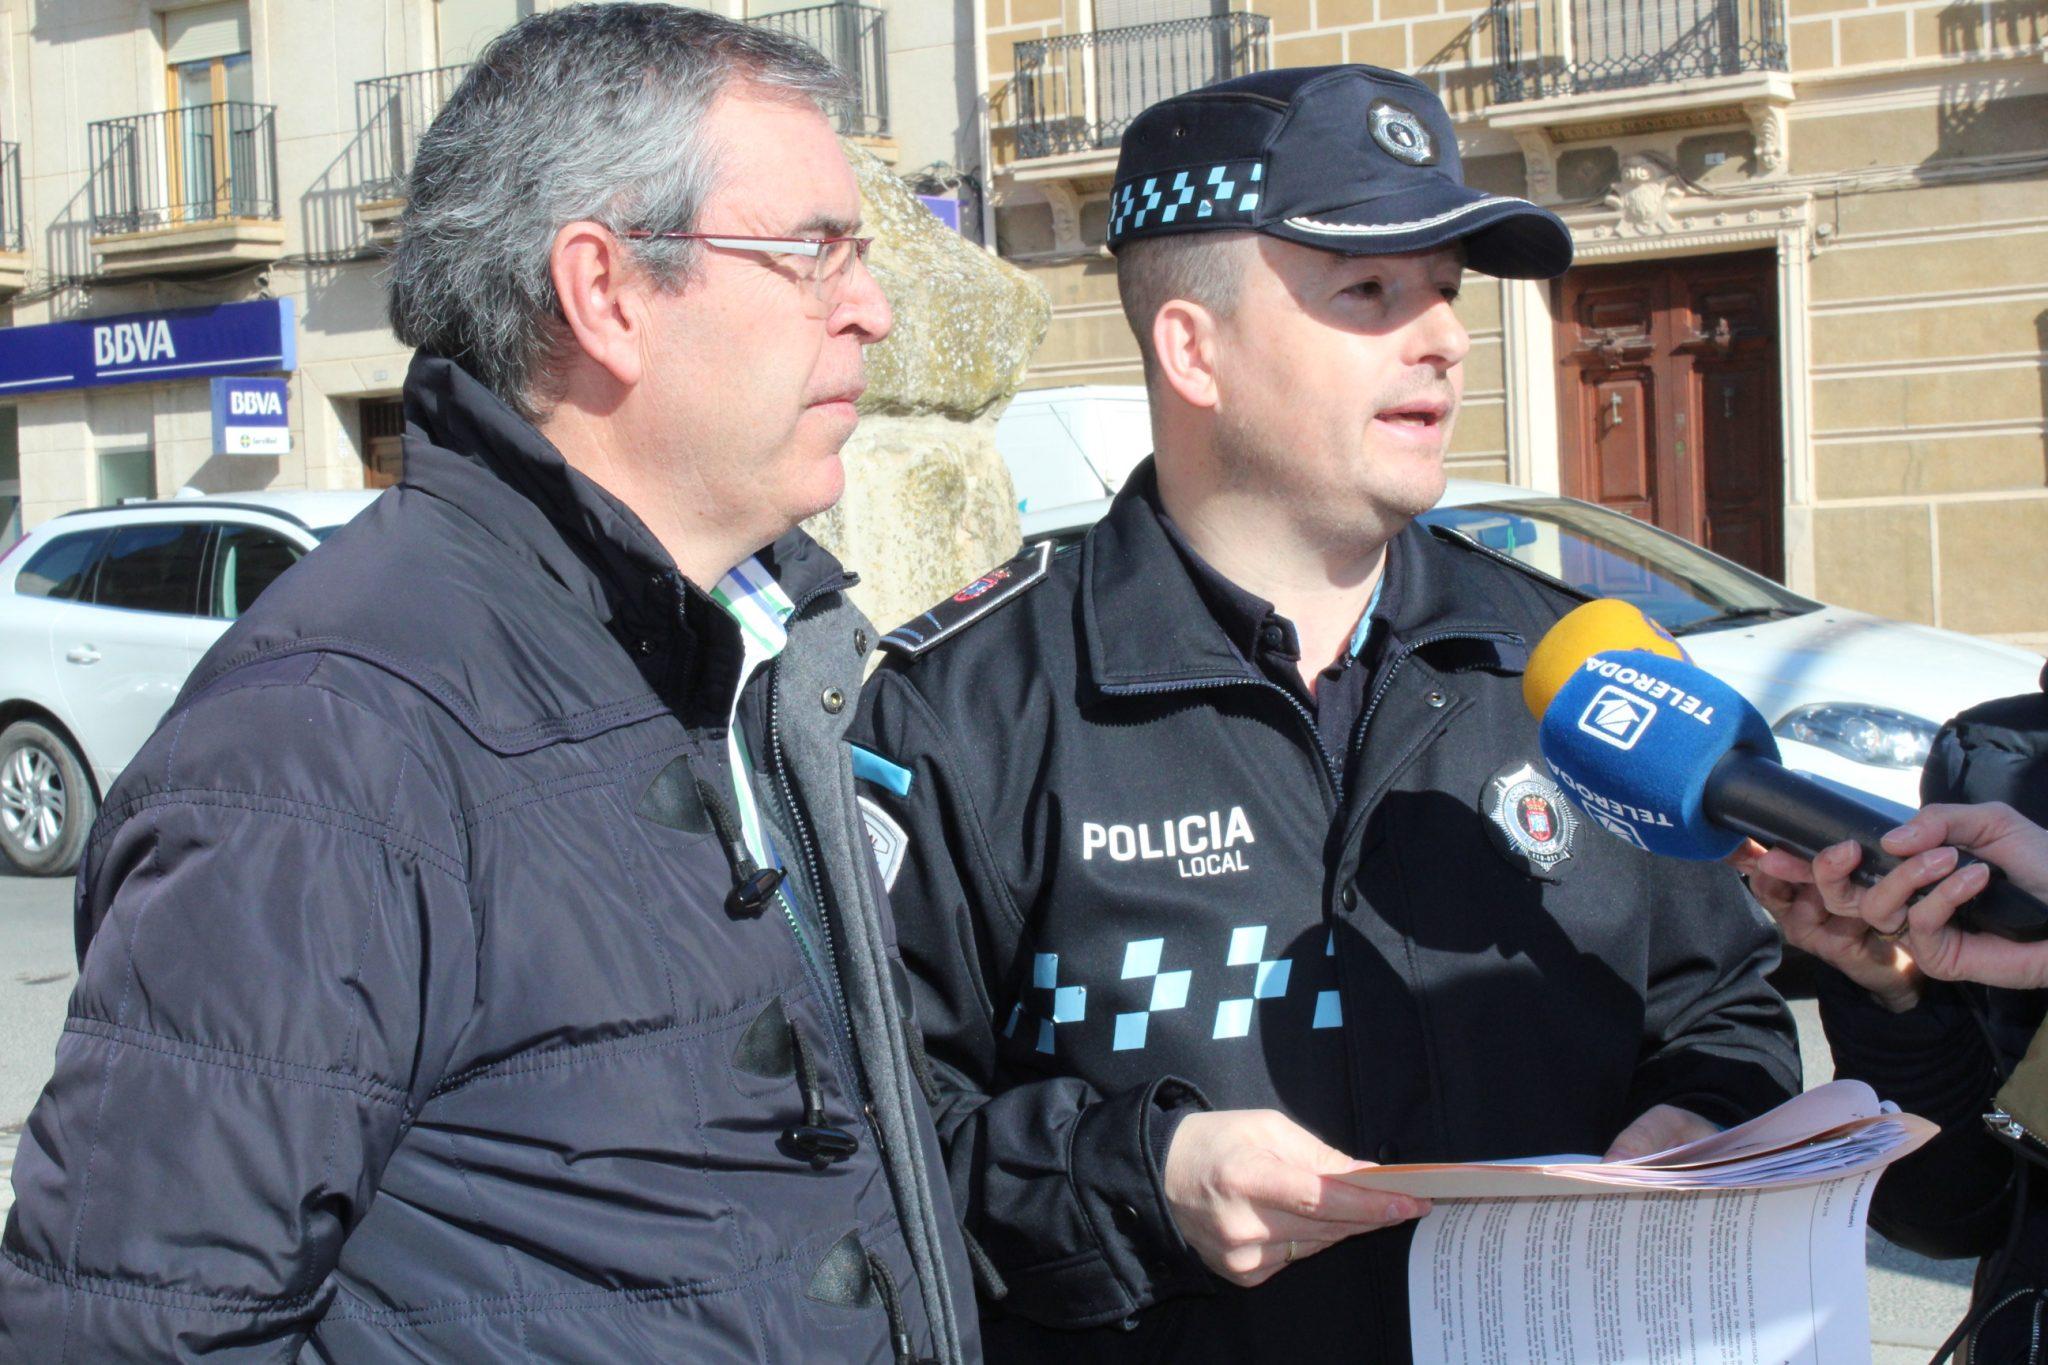 Alcalde Y Jefe Policía